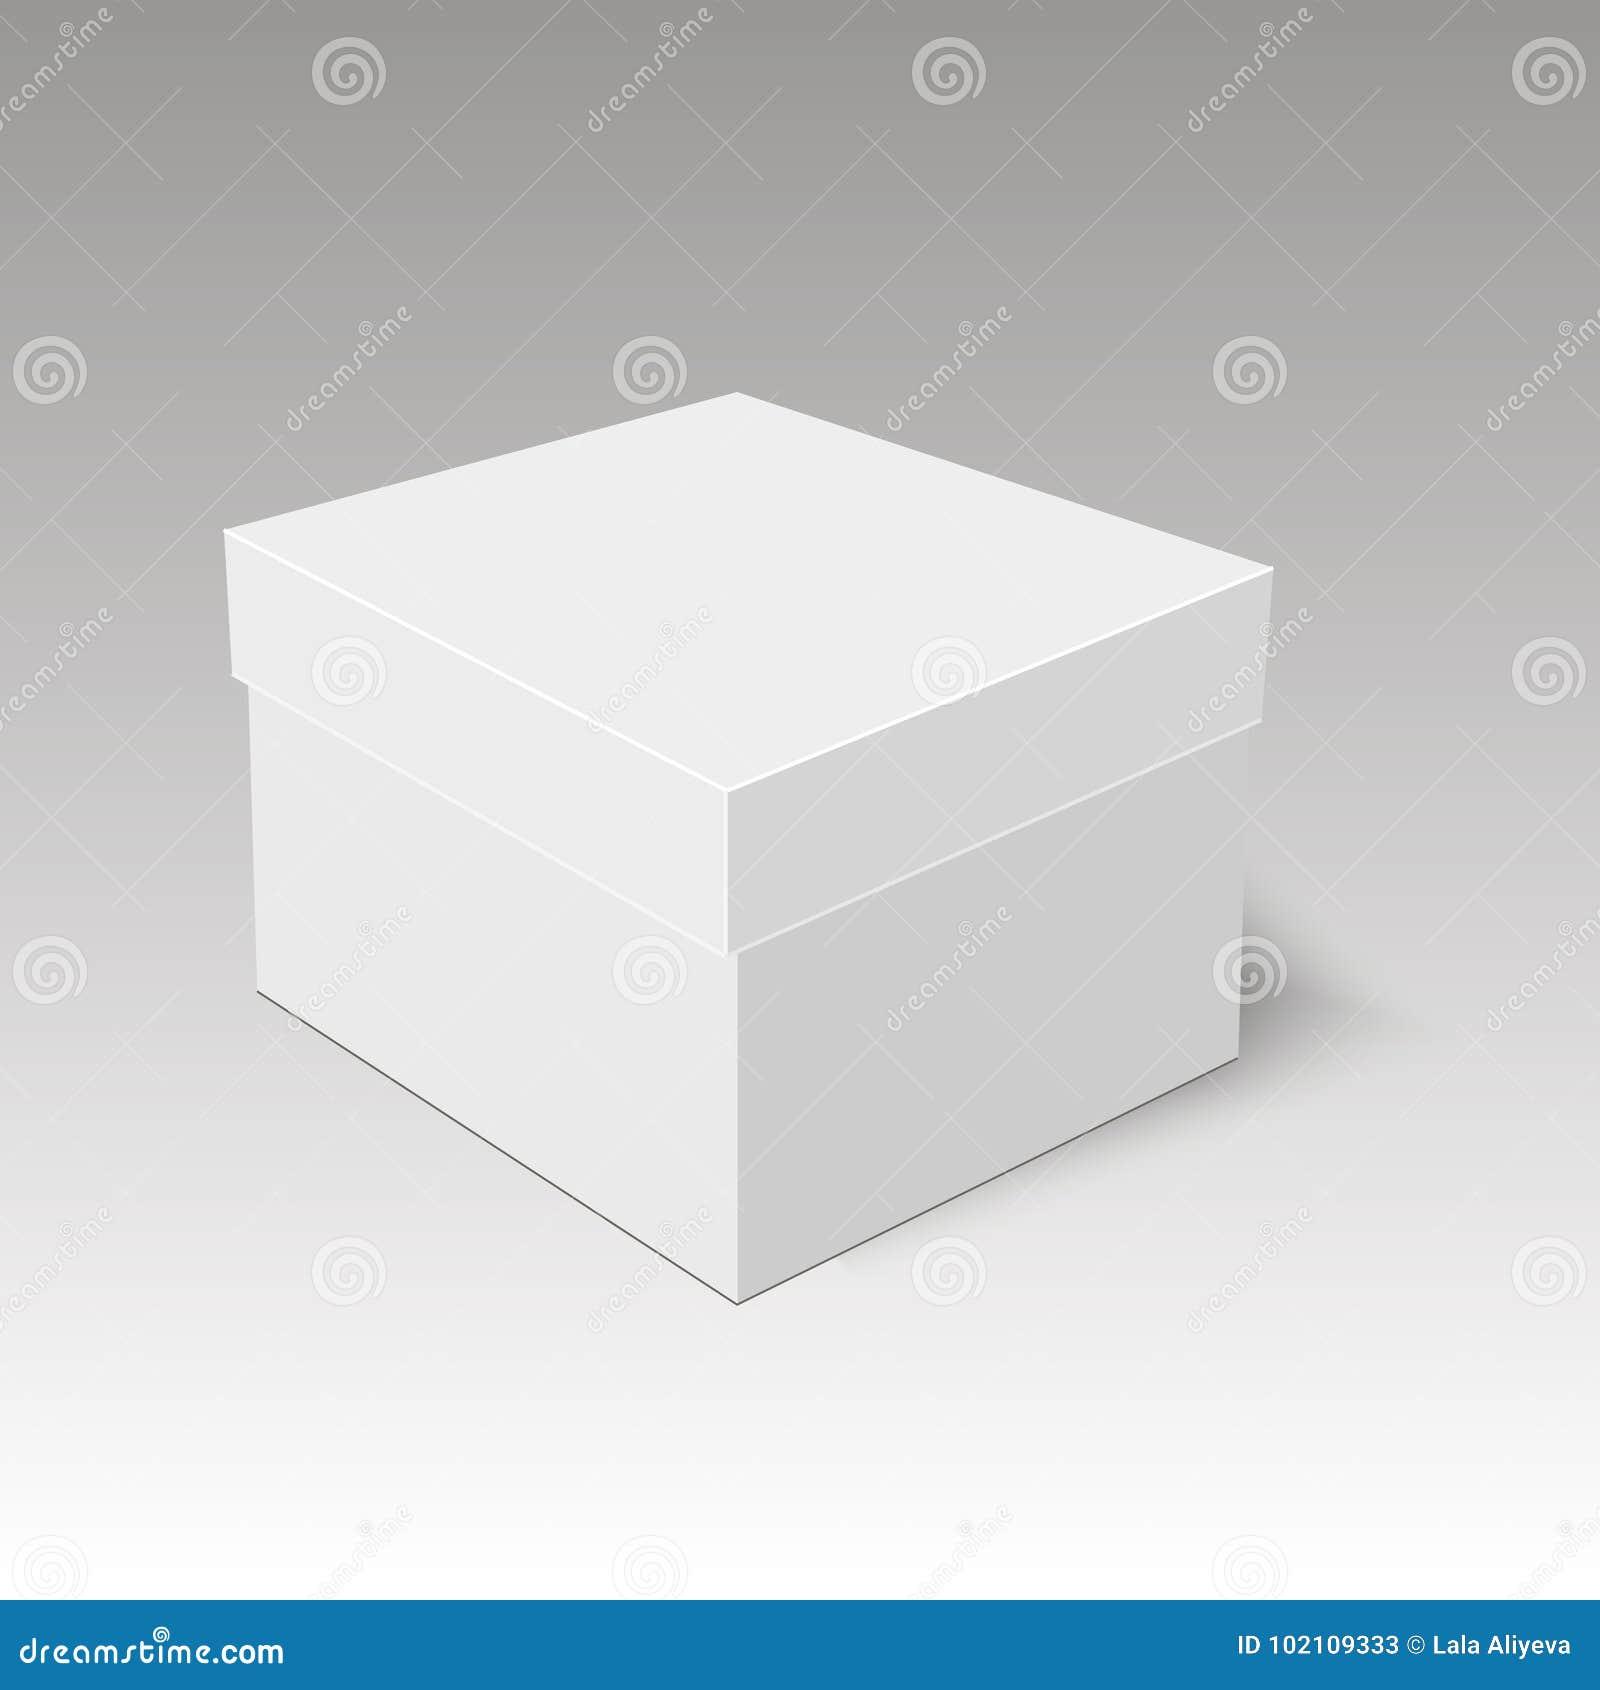 shoe box template - Ideal.vistalist.co